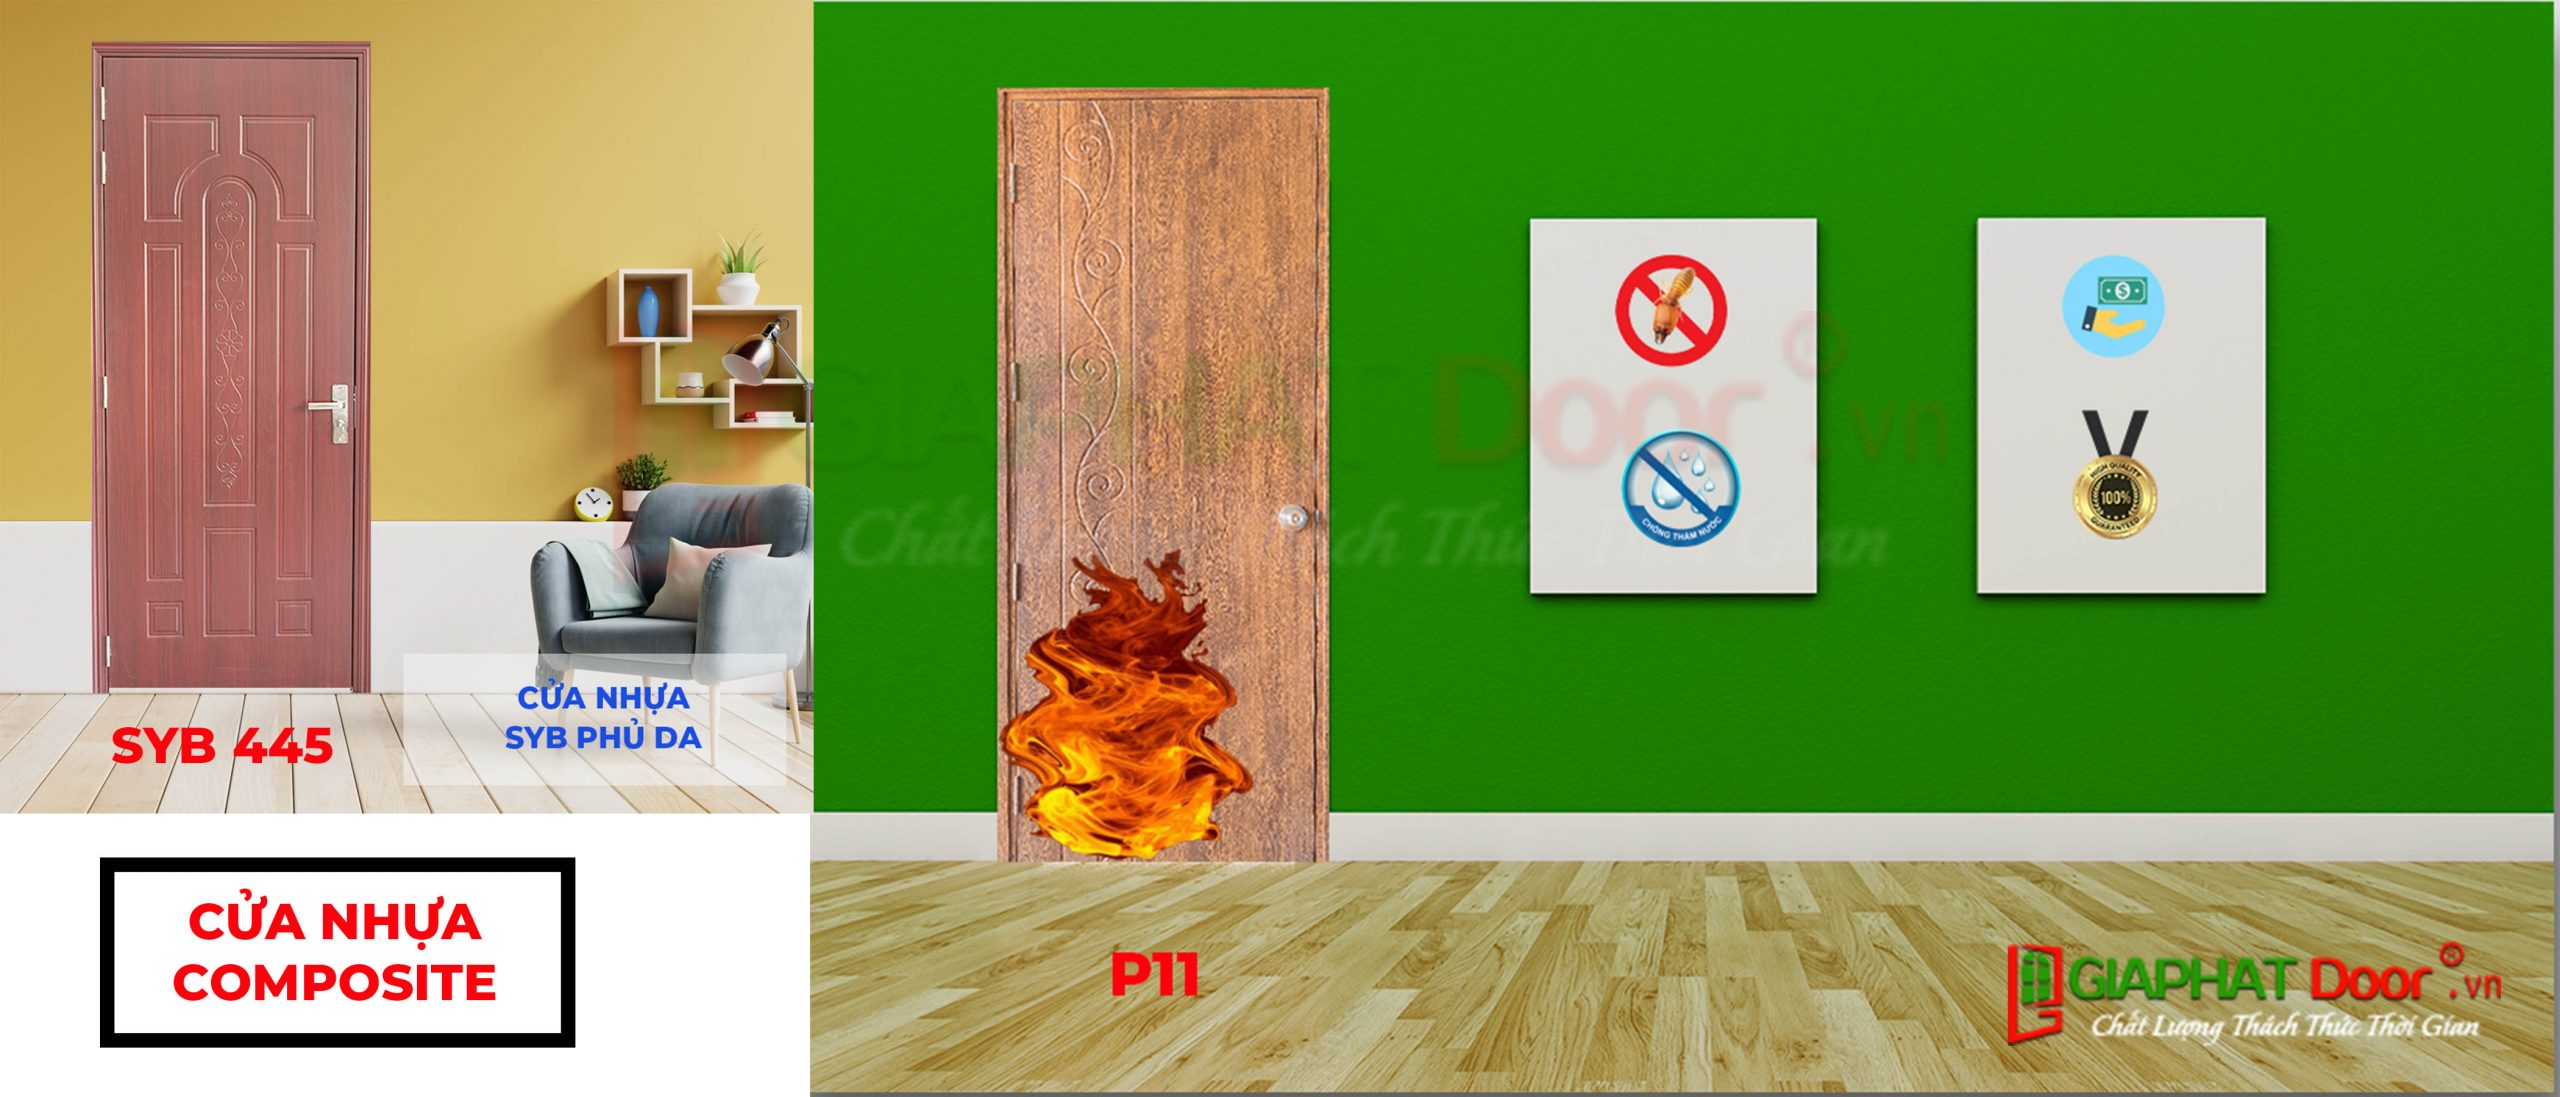 Cửa nhựa giá rẻ - Cửa nhựa gỗ Composite